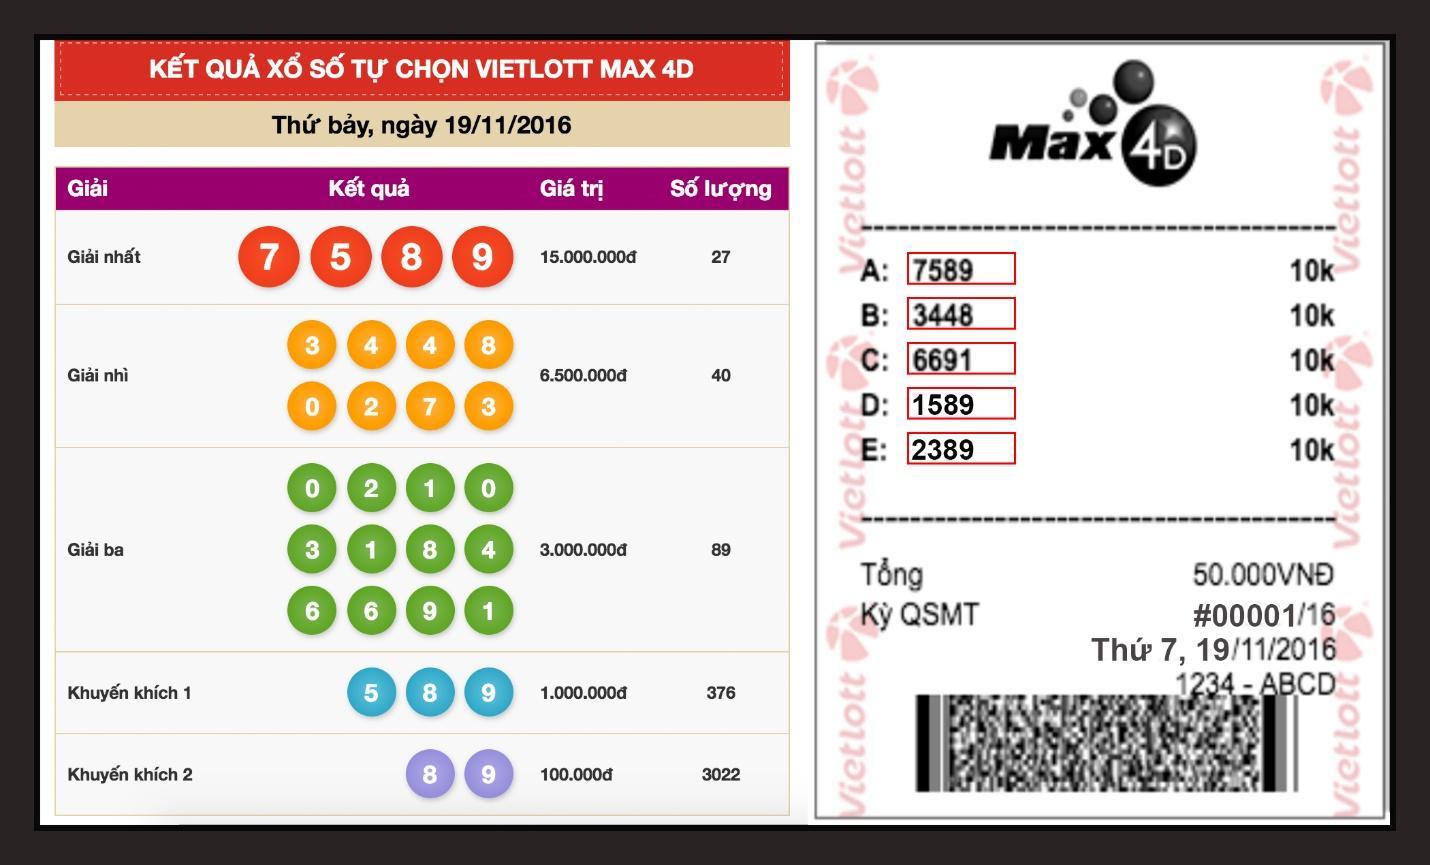 Thông tin xổ số max 4D